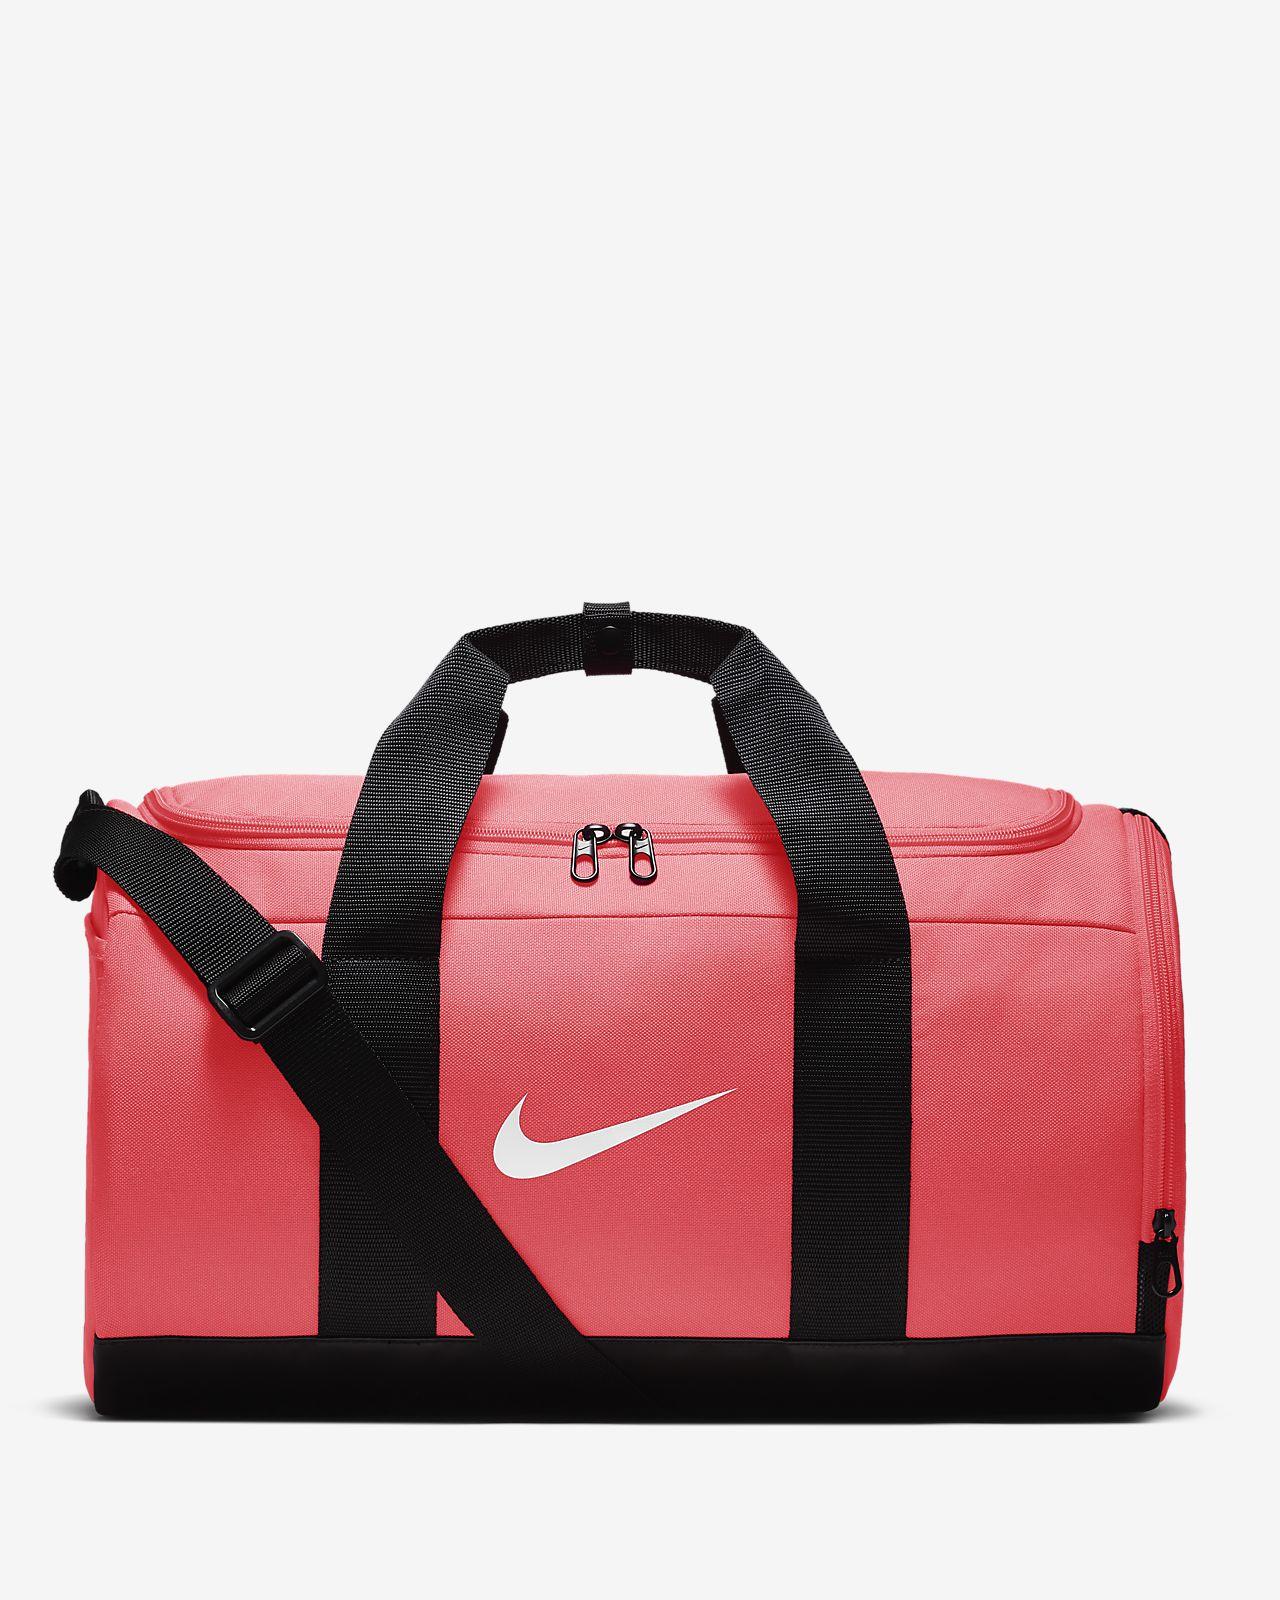 Lona TeamMx Bolso Para Nike De Mujer Entrenamiento fvYb6y7Ig